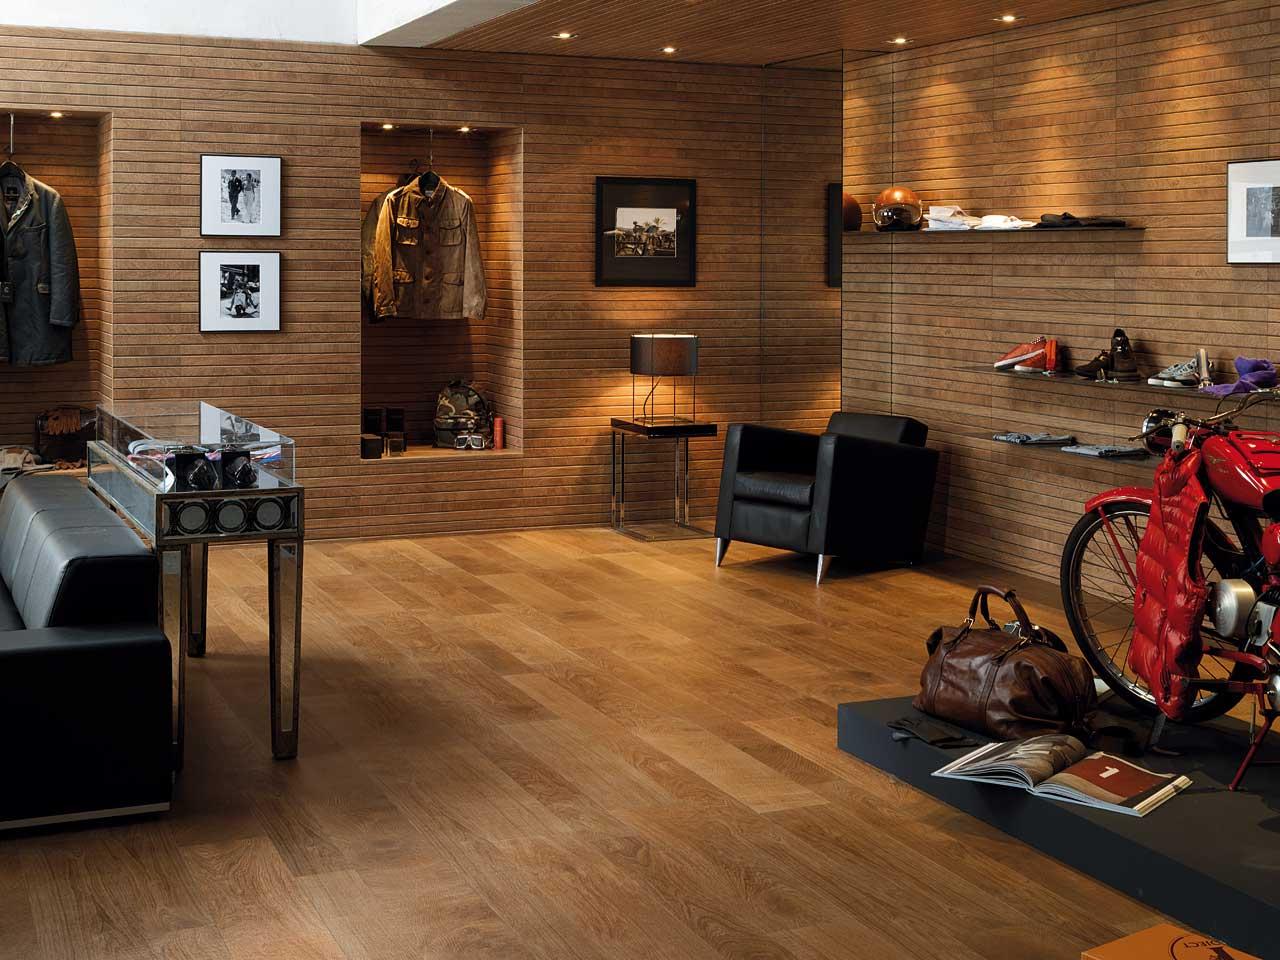 Pavimenti Porcelanosa slide Oxford Cognac22x90cm Liston Oxford Cognac31,6x90cm